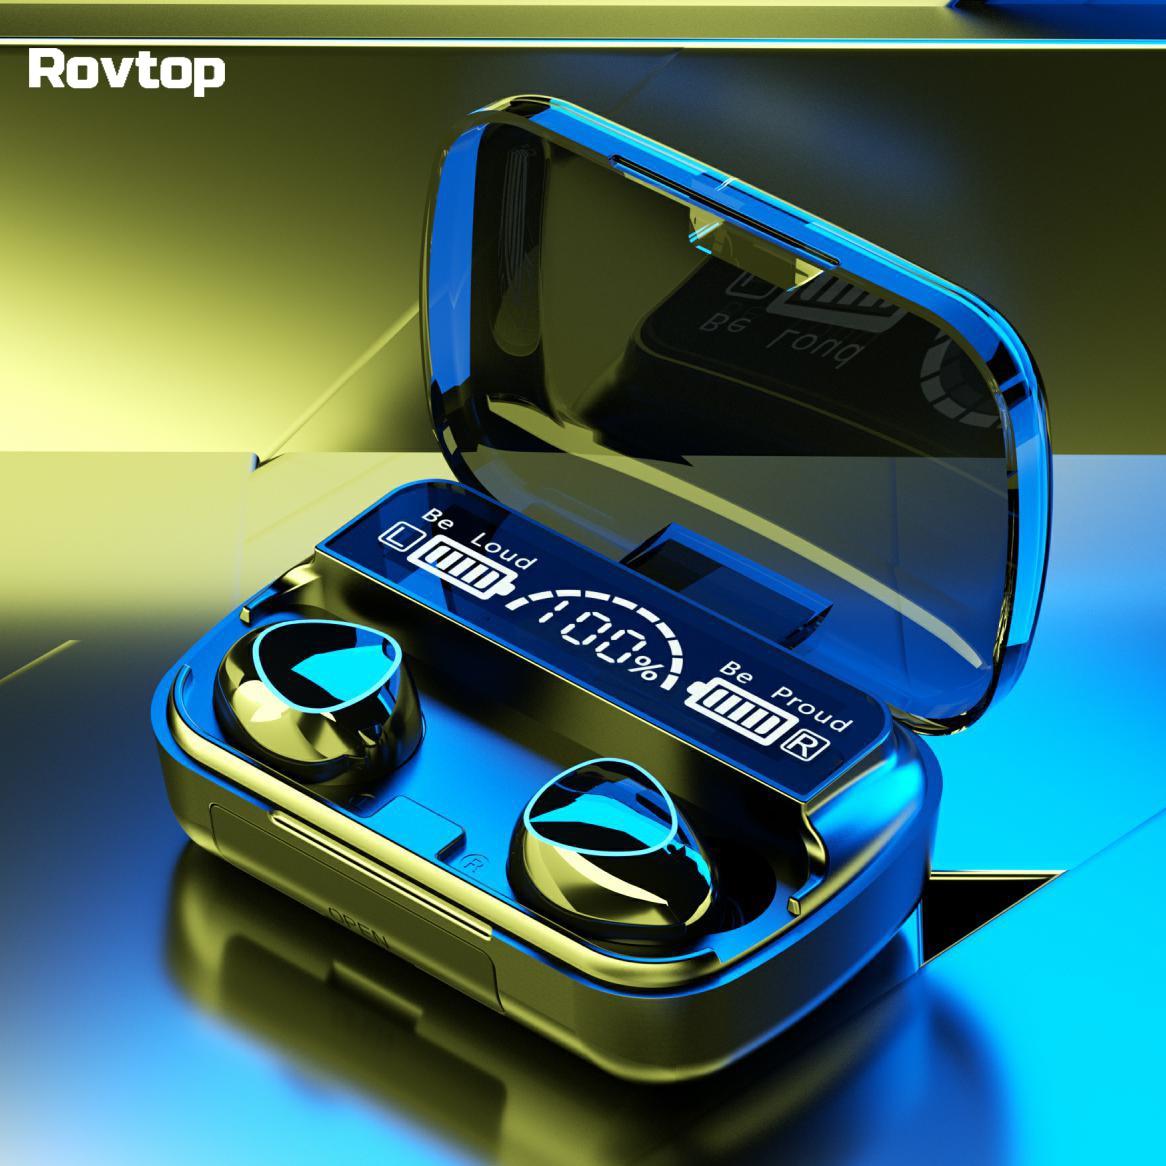 Auriculares TWS con Bluetooth, auriculares inalámbricos con aislamiento de ruido, estéreo de graves 9D, LED, estuche de carga, deportivos, impermeables, con micrófono